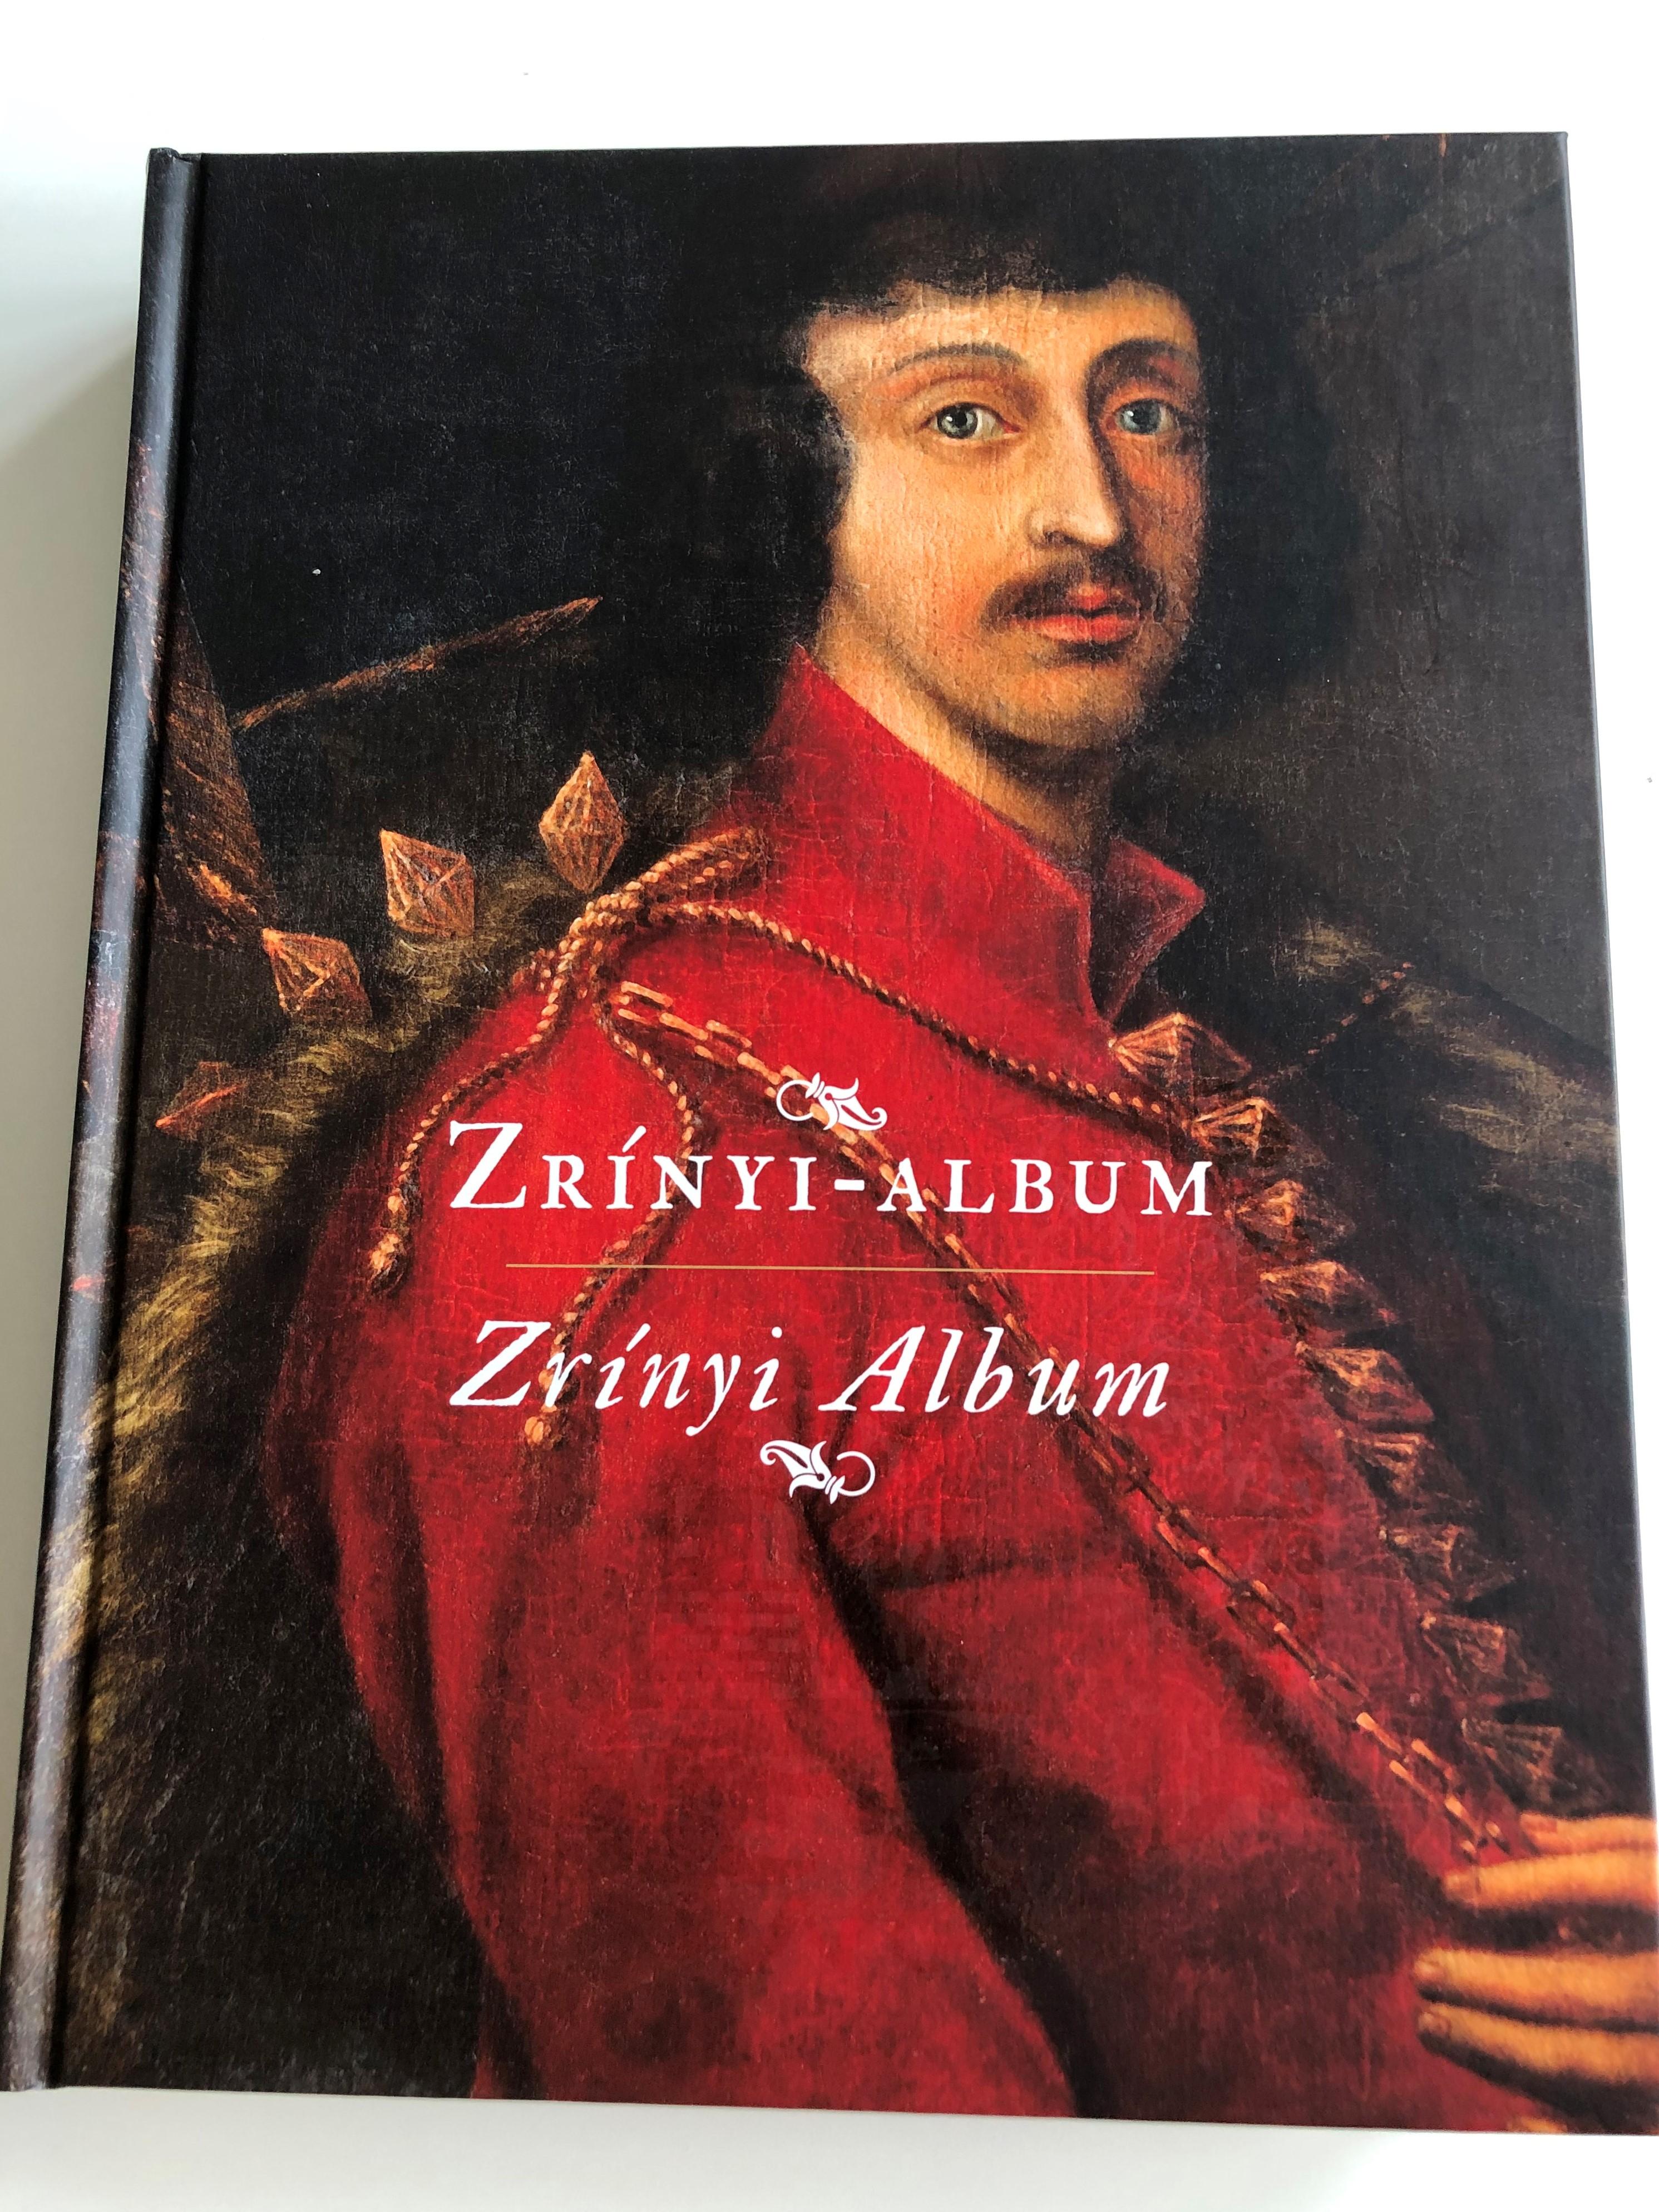 zr-nyi-album-written-by-bene-s-ndor-g.-et-nyi-n-ra-hausner-g-bor-kelenik-j-zsef-r.-v-rkonyi-gnes-hadt-rt-neti-int-zet-s-m-zeum-mikl-s-zr-nyi-the-poet-military-leader-and-statesman-1-.jpg